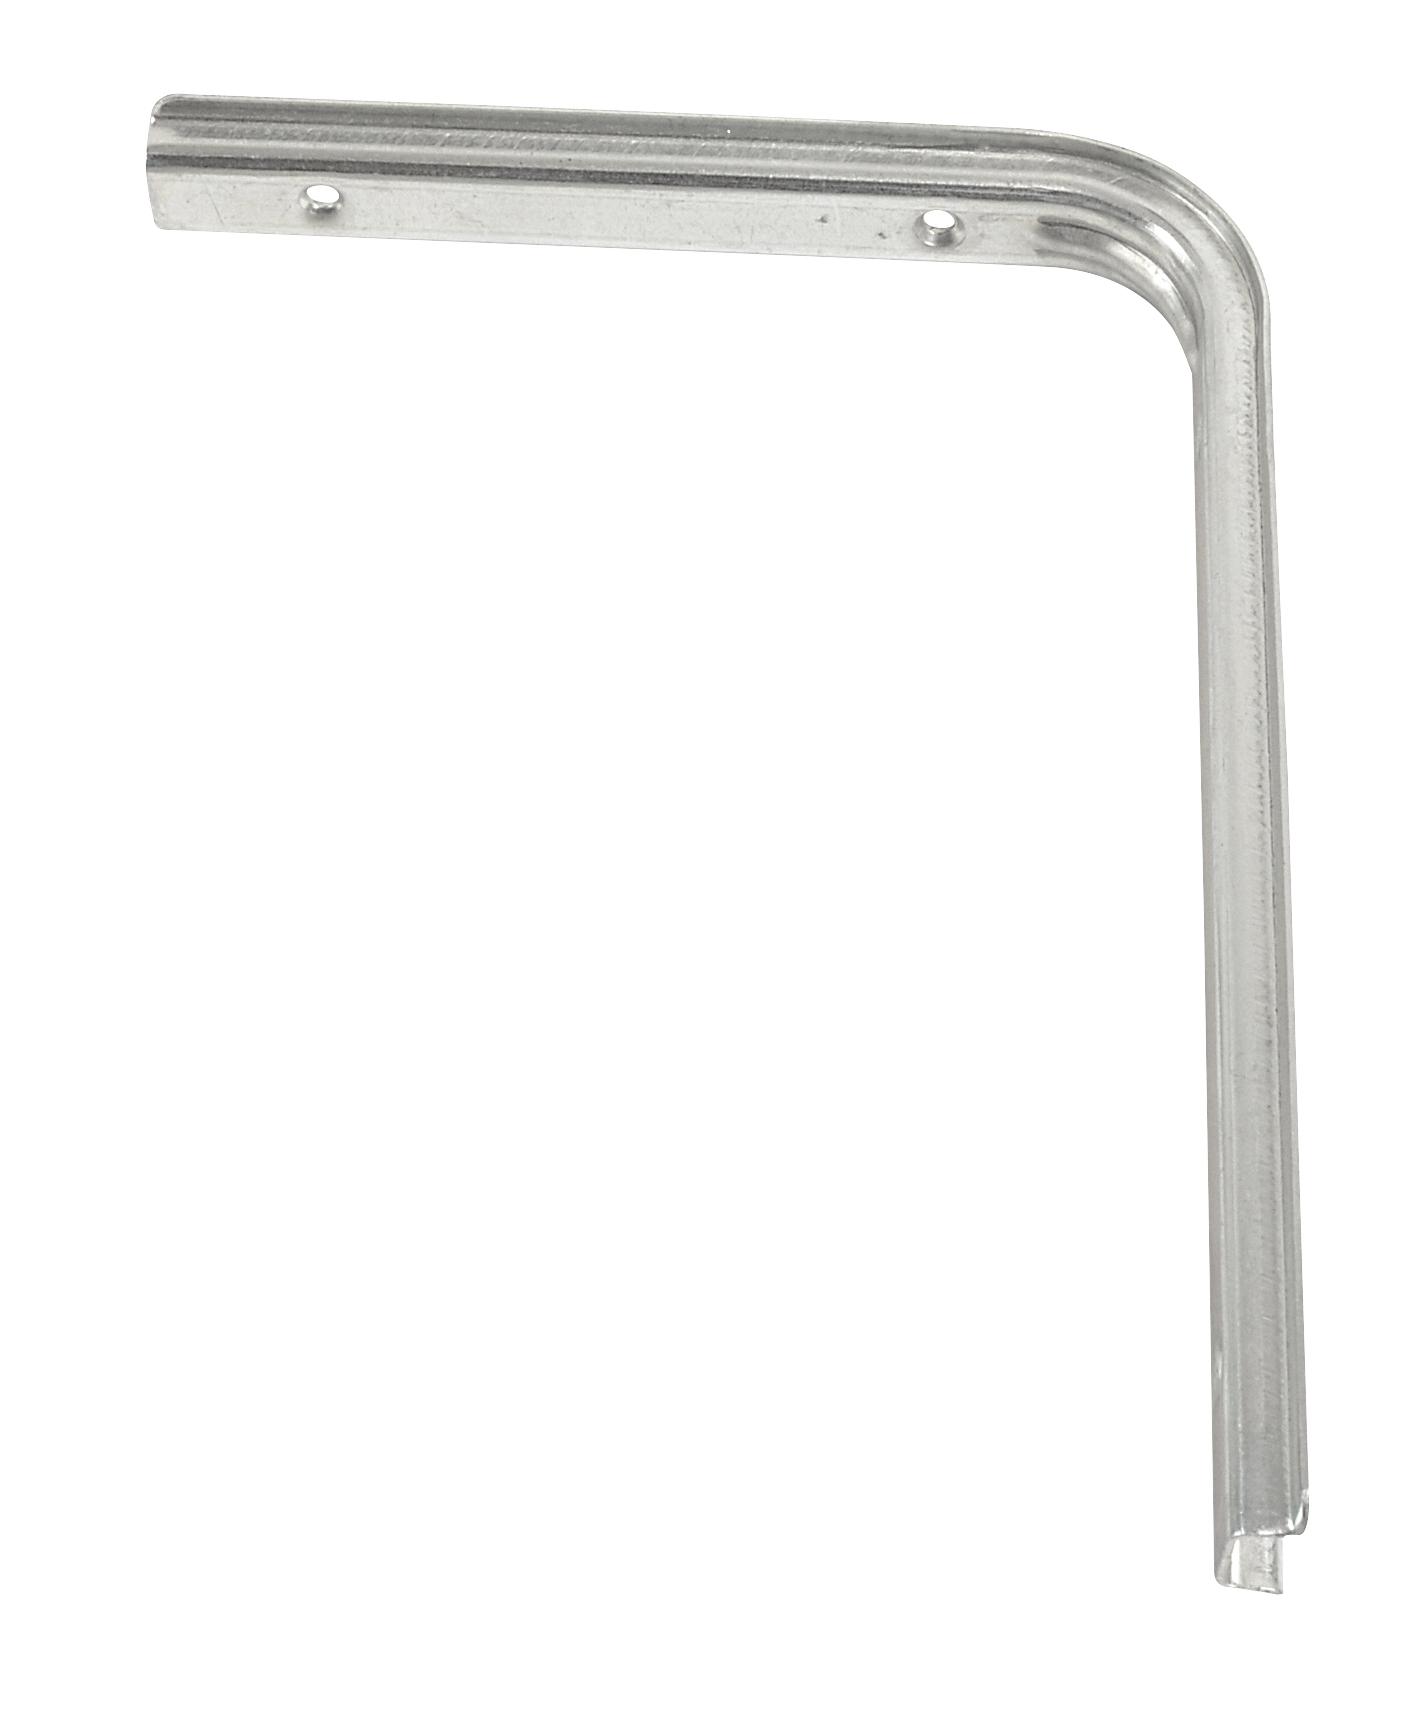 Hyldeknægt U-profil 200x250 mm. - el-galvaniseret